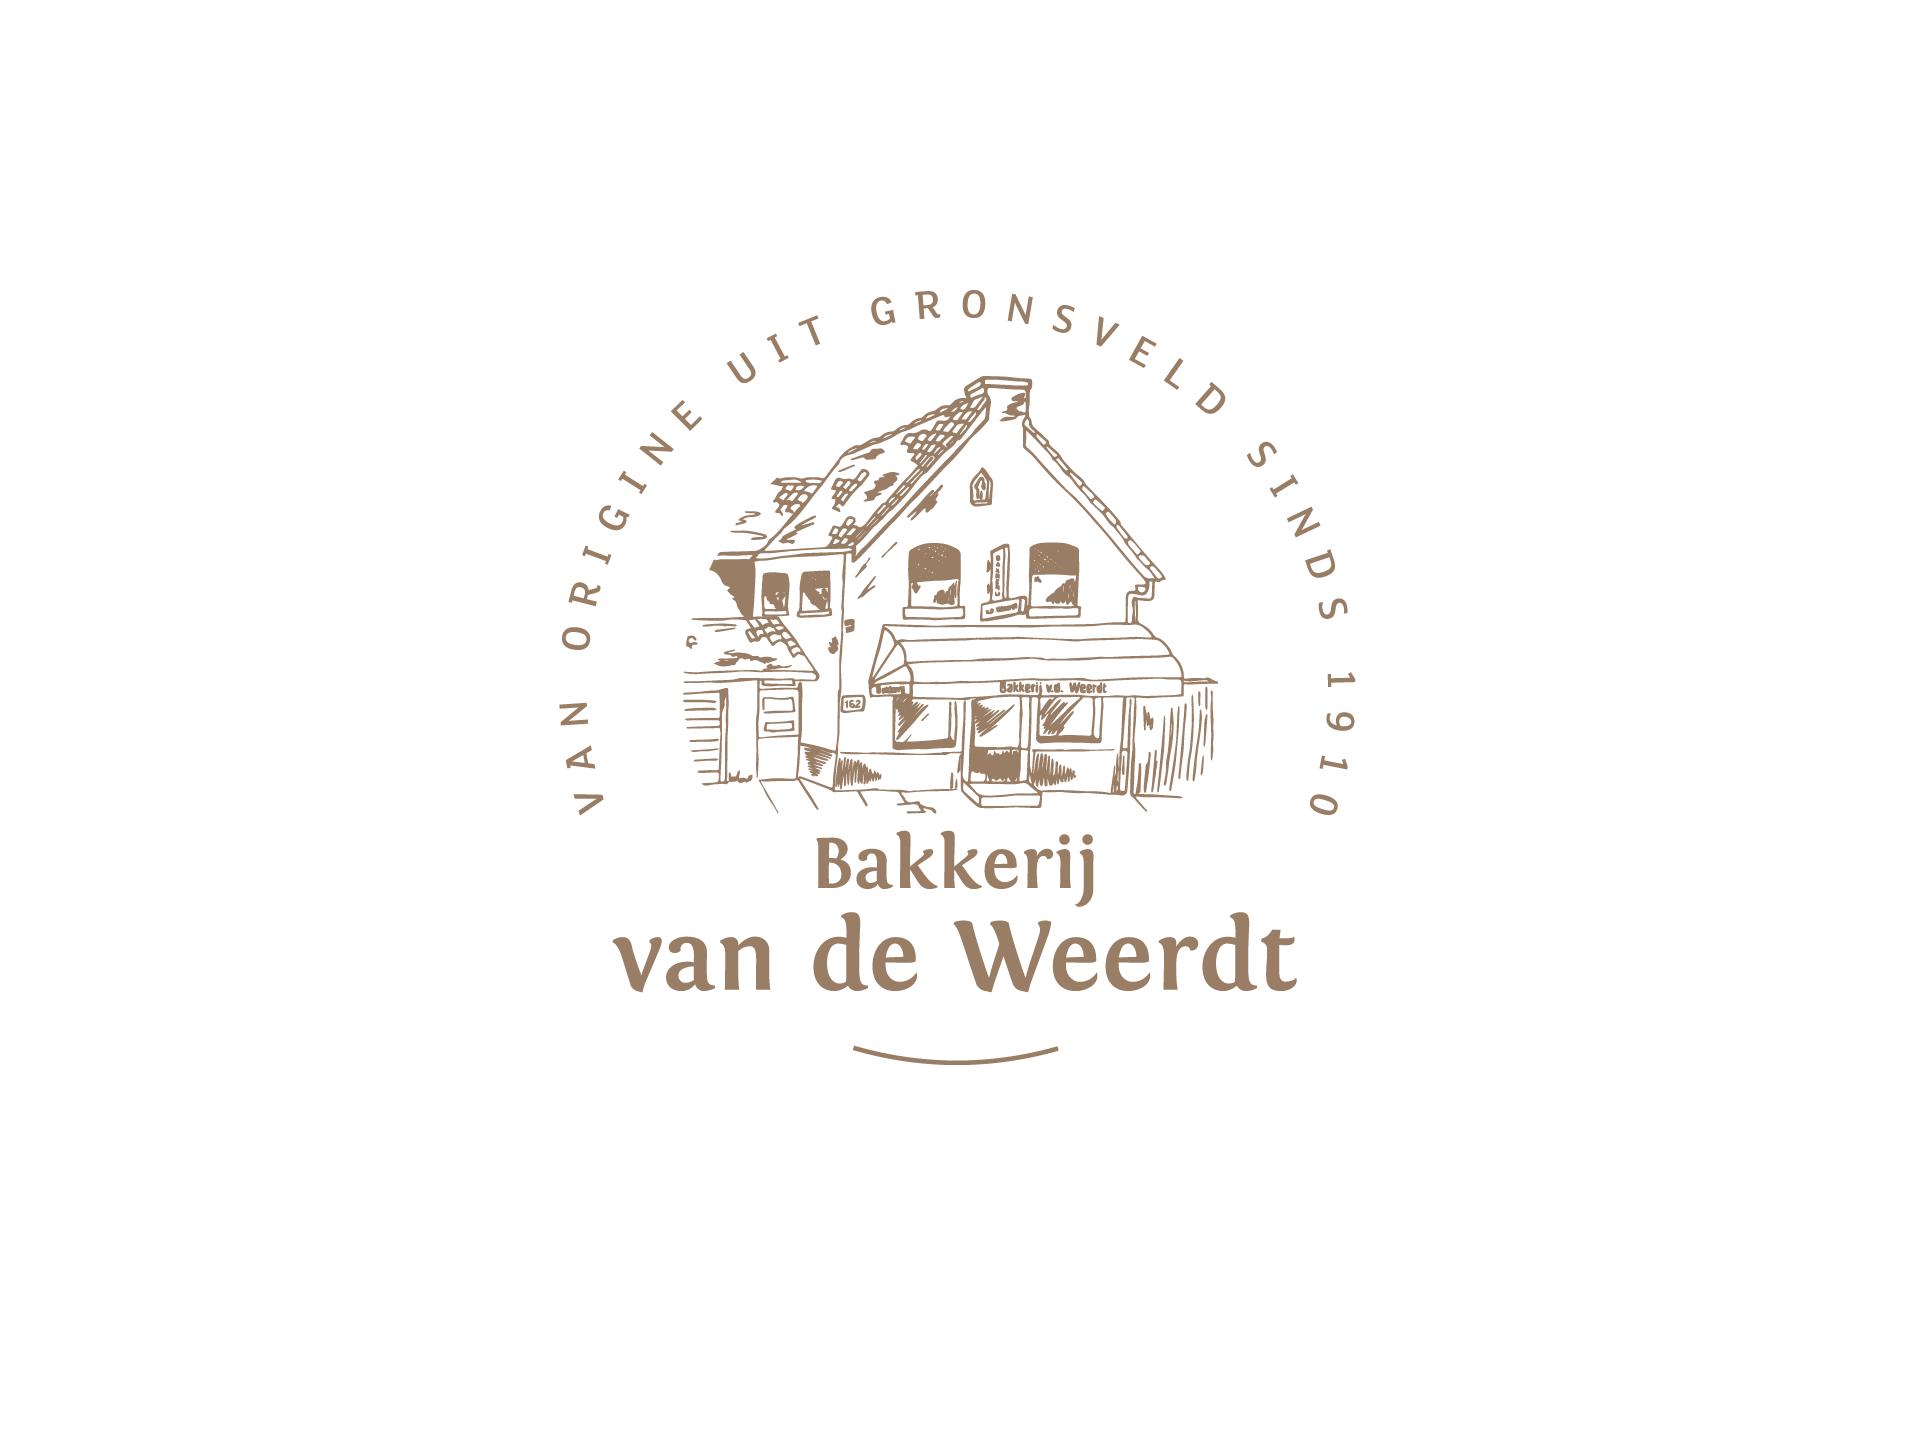 bakkerij van de weerdt - redesign logo